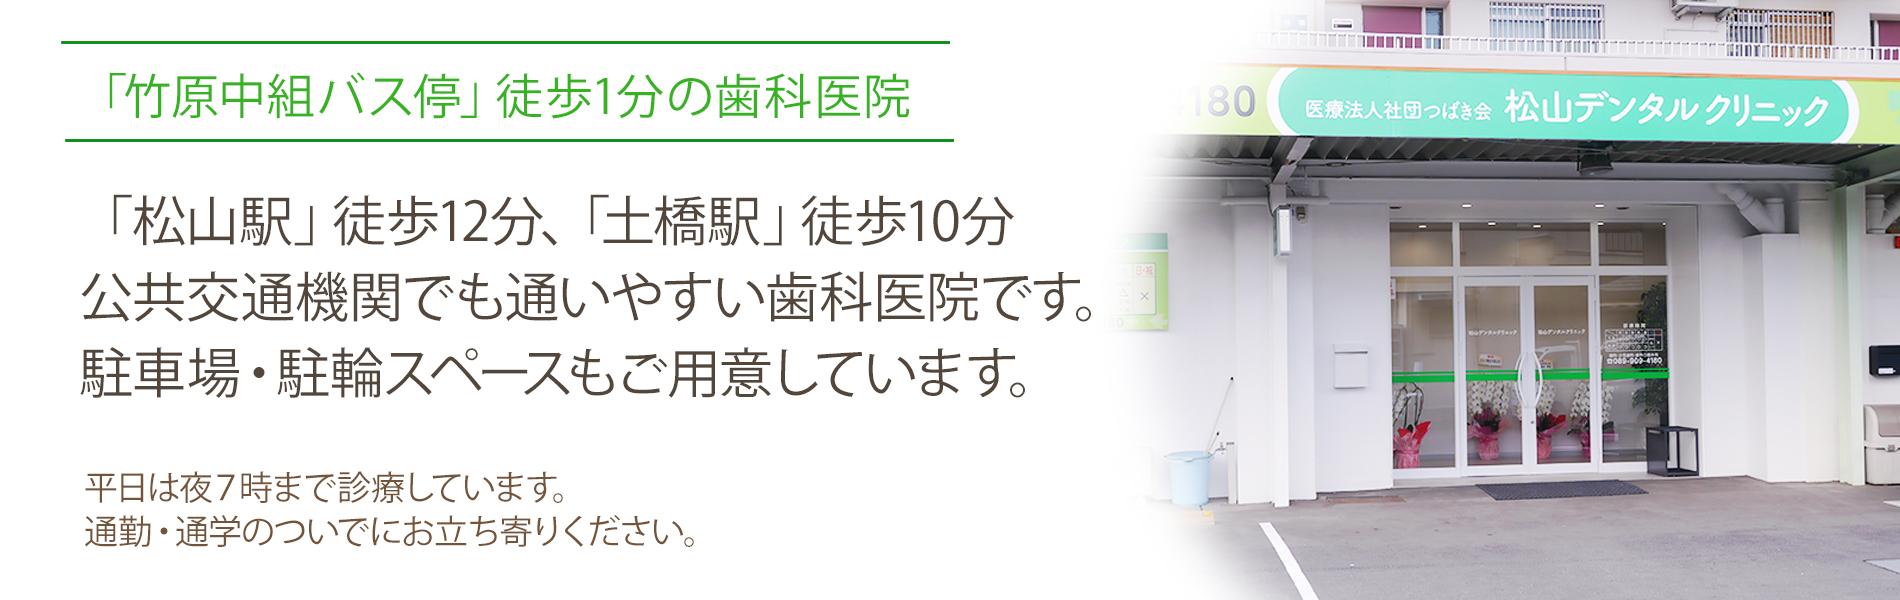 竹原中組バス停徒歩1分の歯科医院